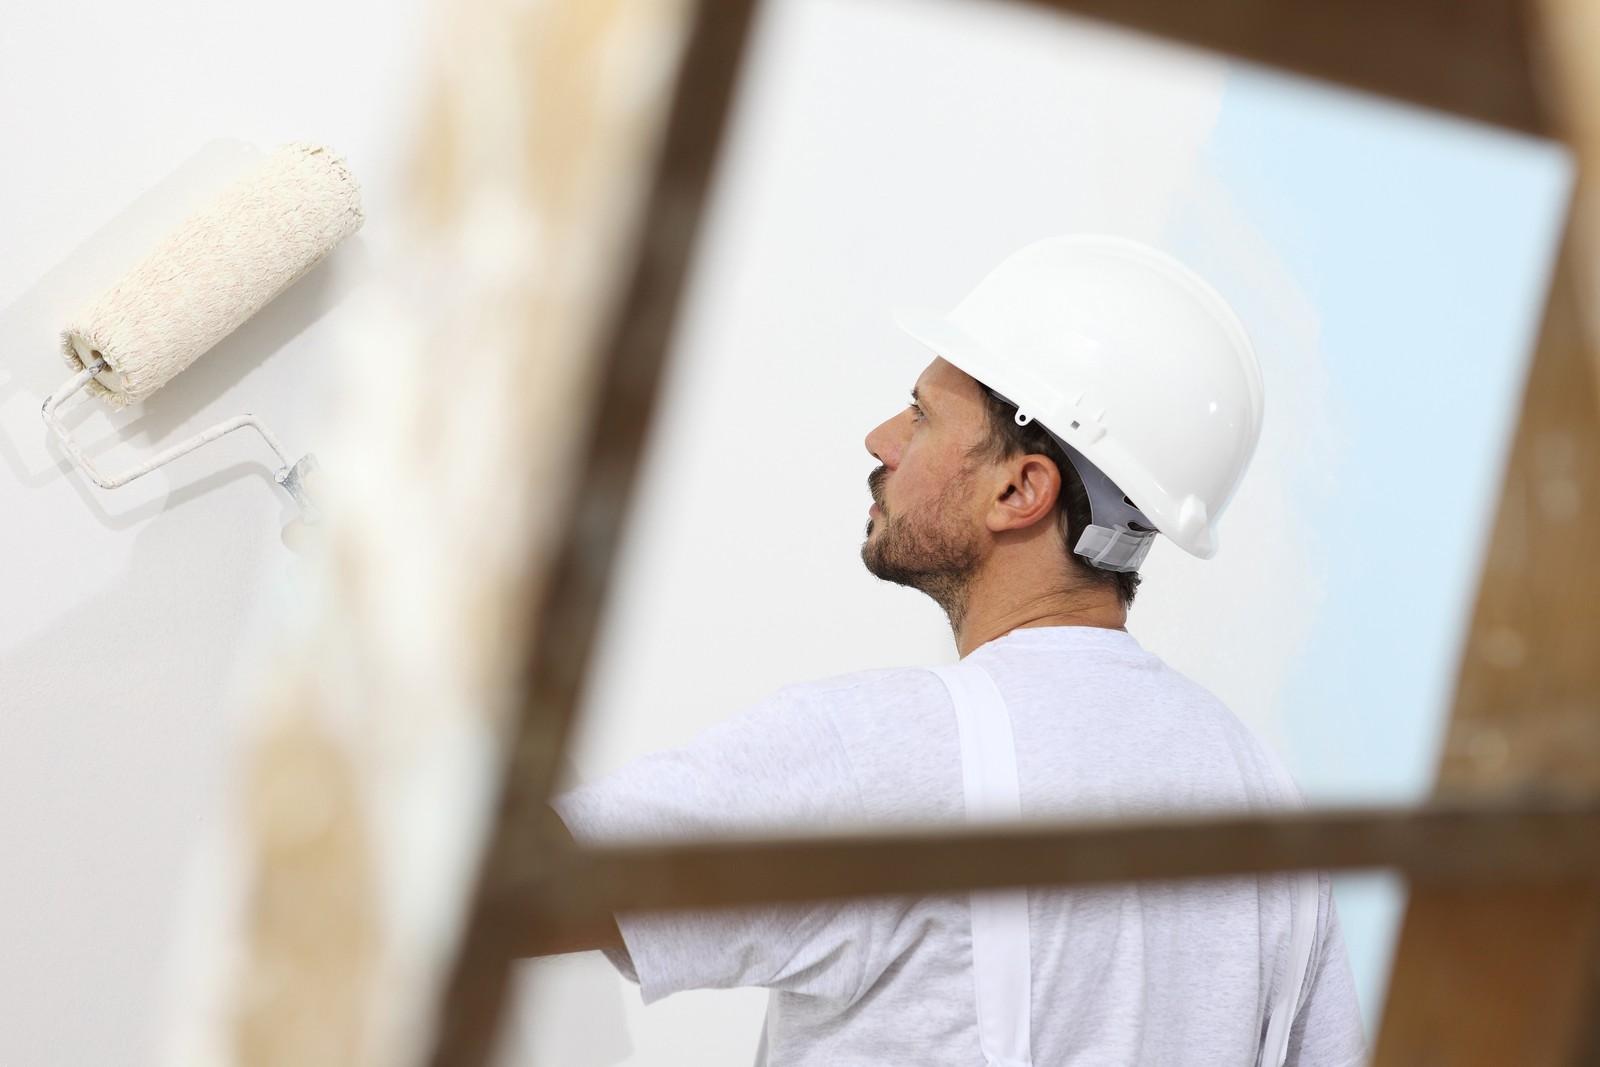 Weil oft keine externen Handwerker verfügbar sind, wollen städtische Unternehmen in Hamburg Handwerksleistungen mit eigenen Teams ausführen.